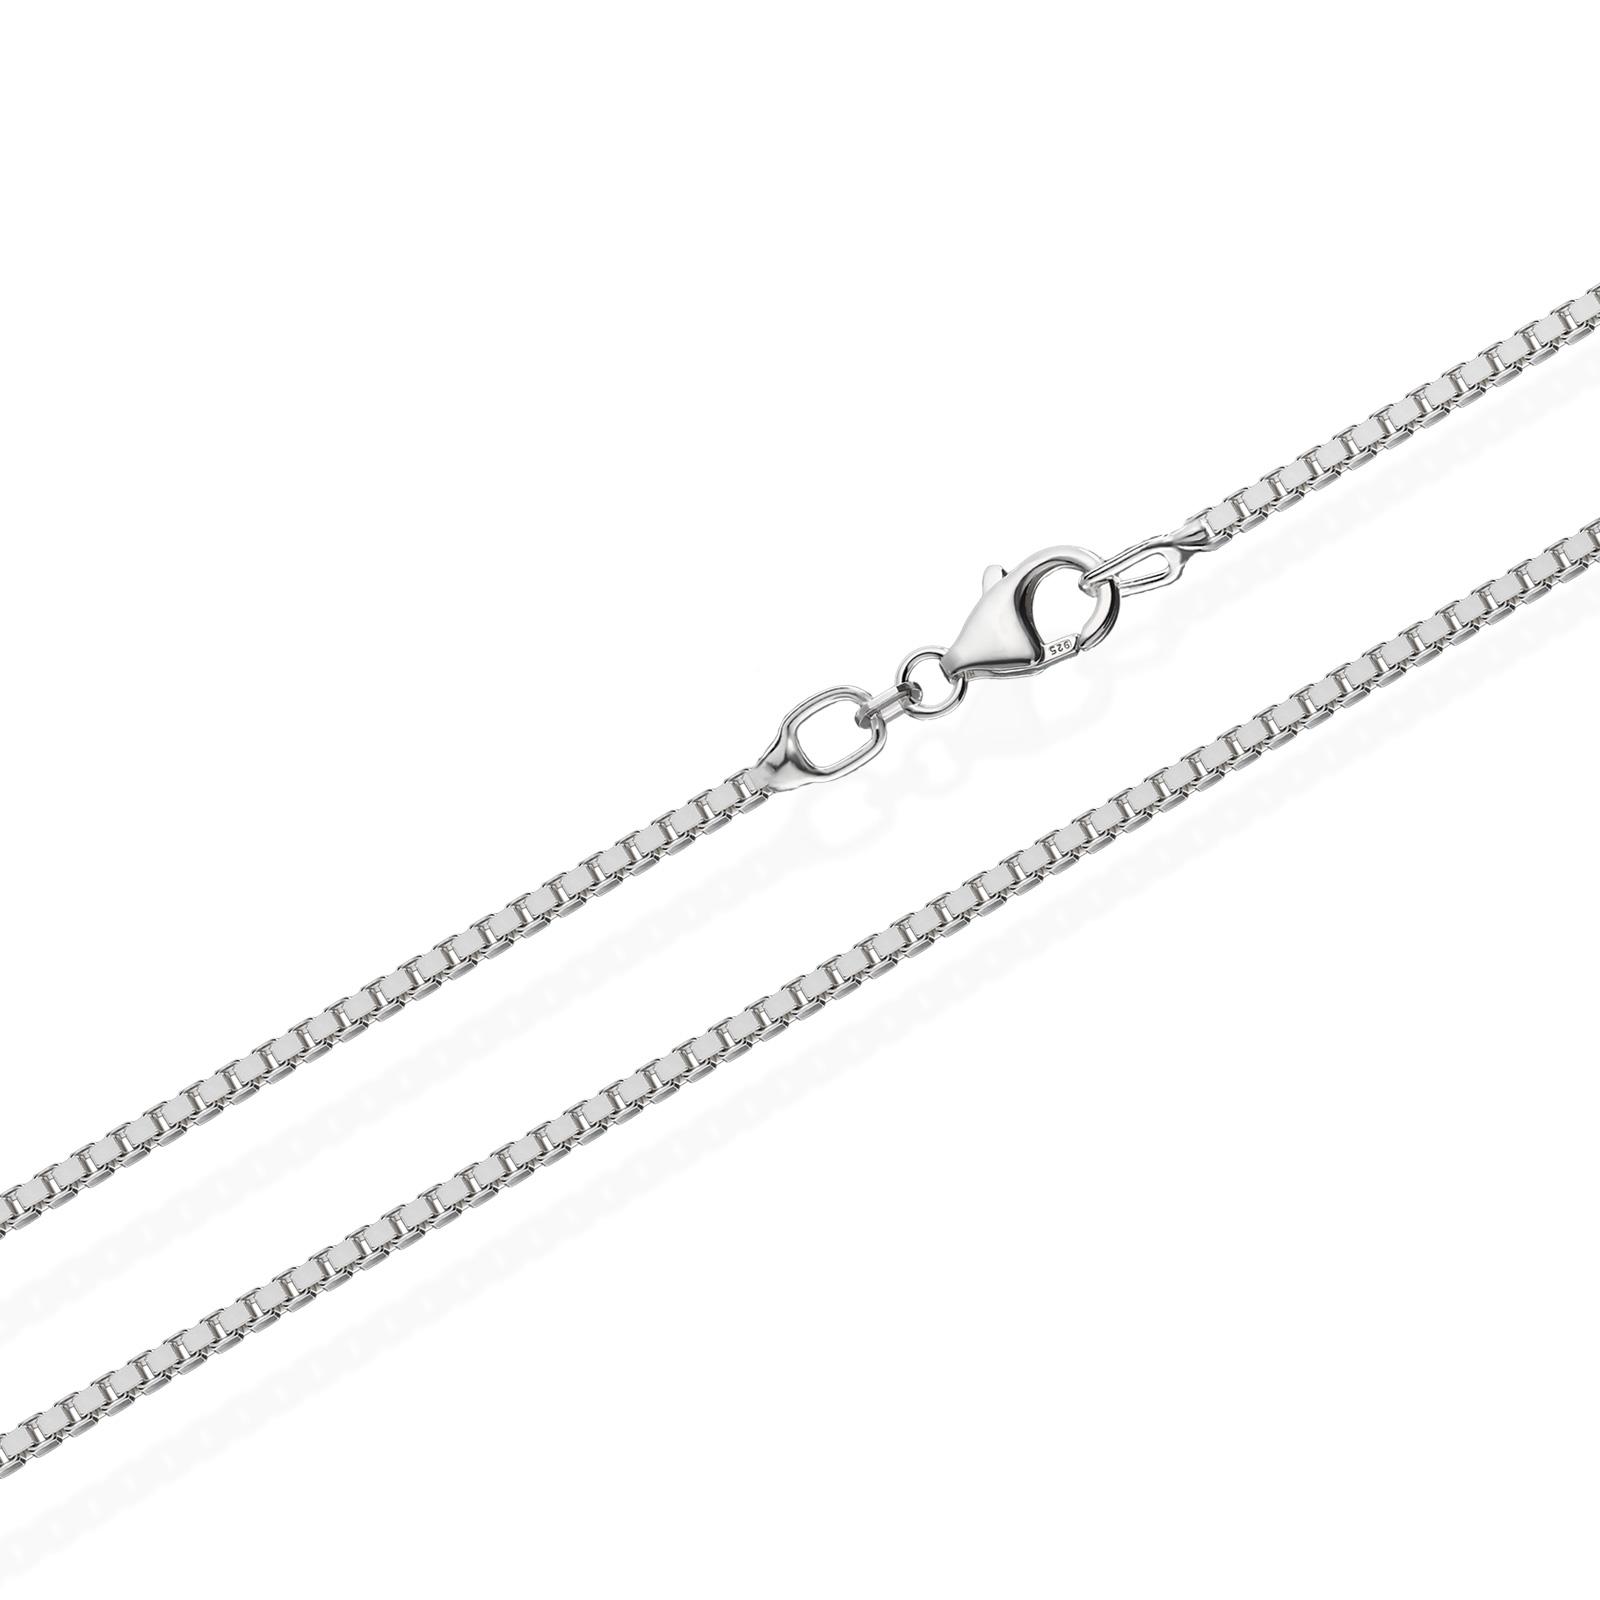 echte 925er Sterlingsilber Venezianerkette Silberkette Halskette Damen Herren 1,00mm